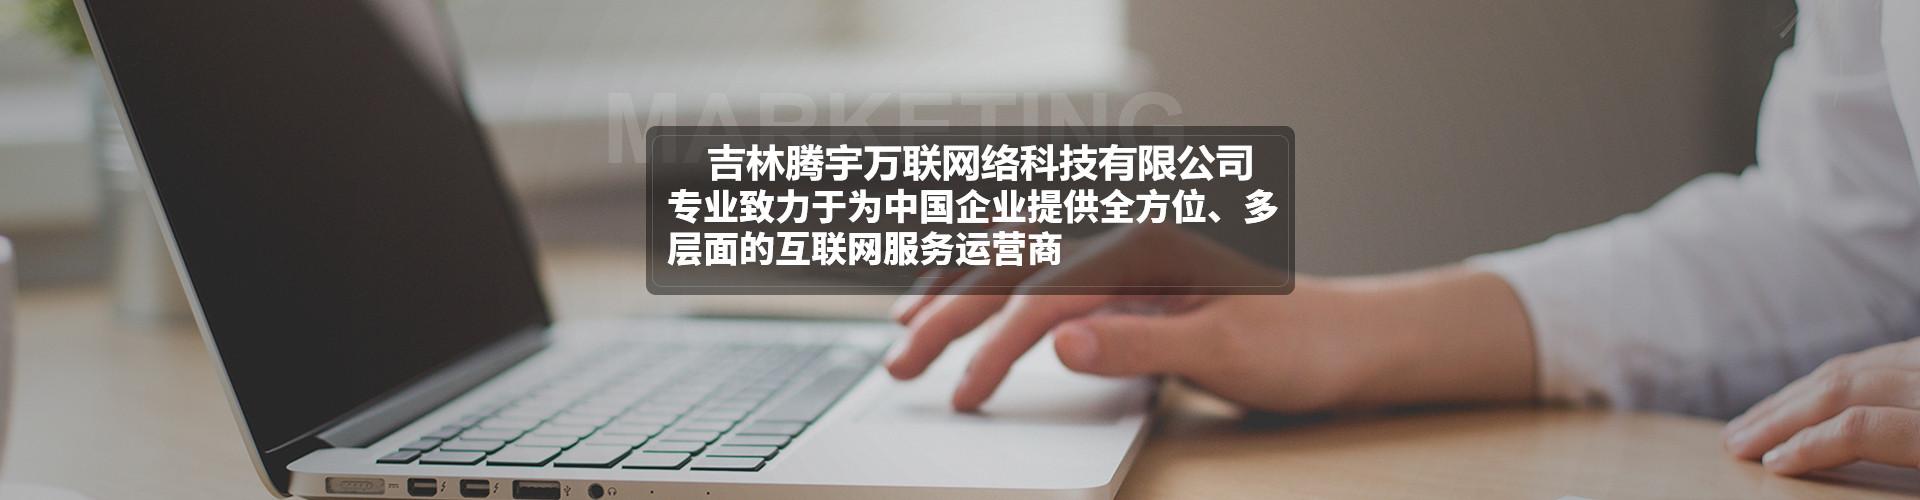 吉林网站建设公司